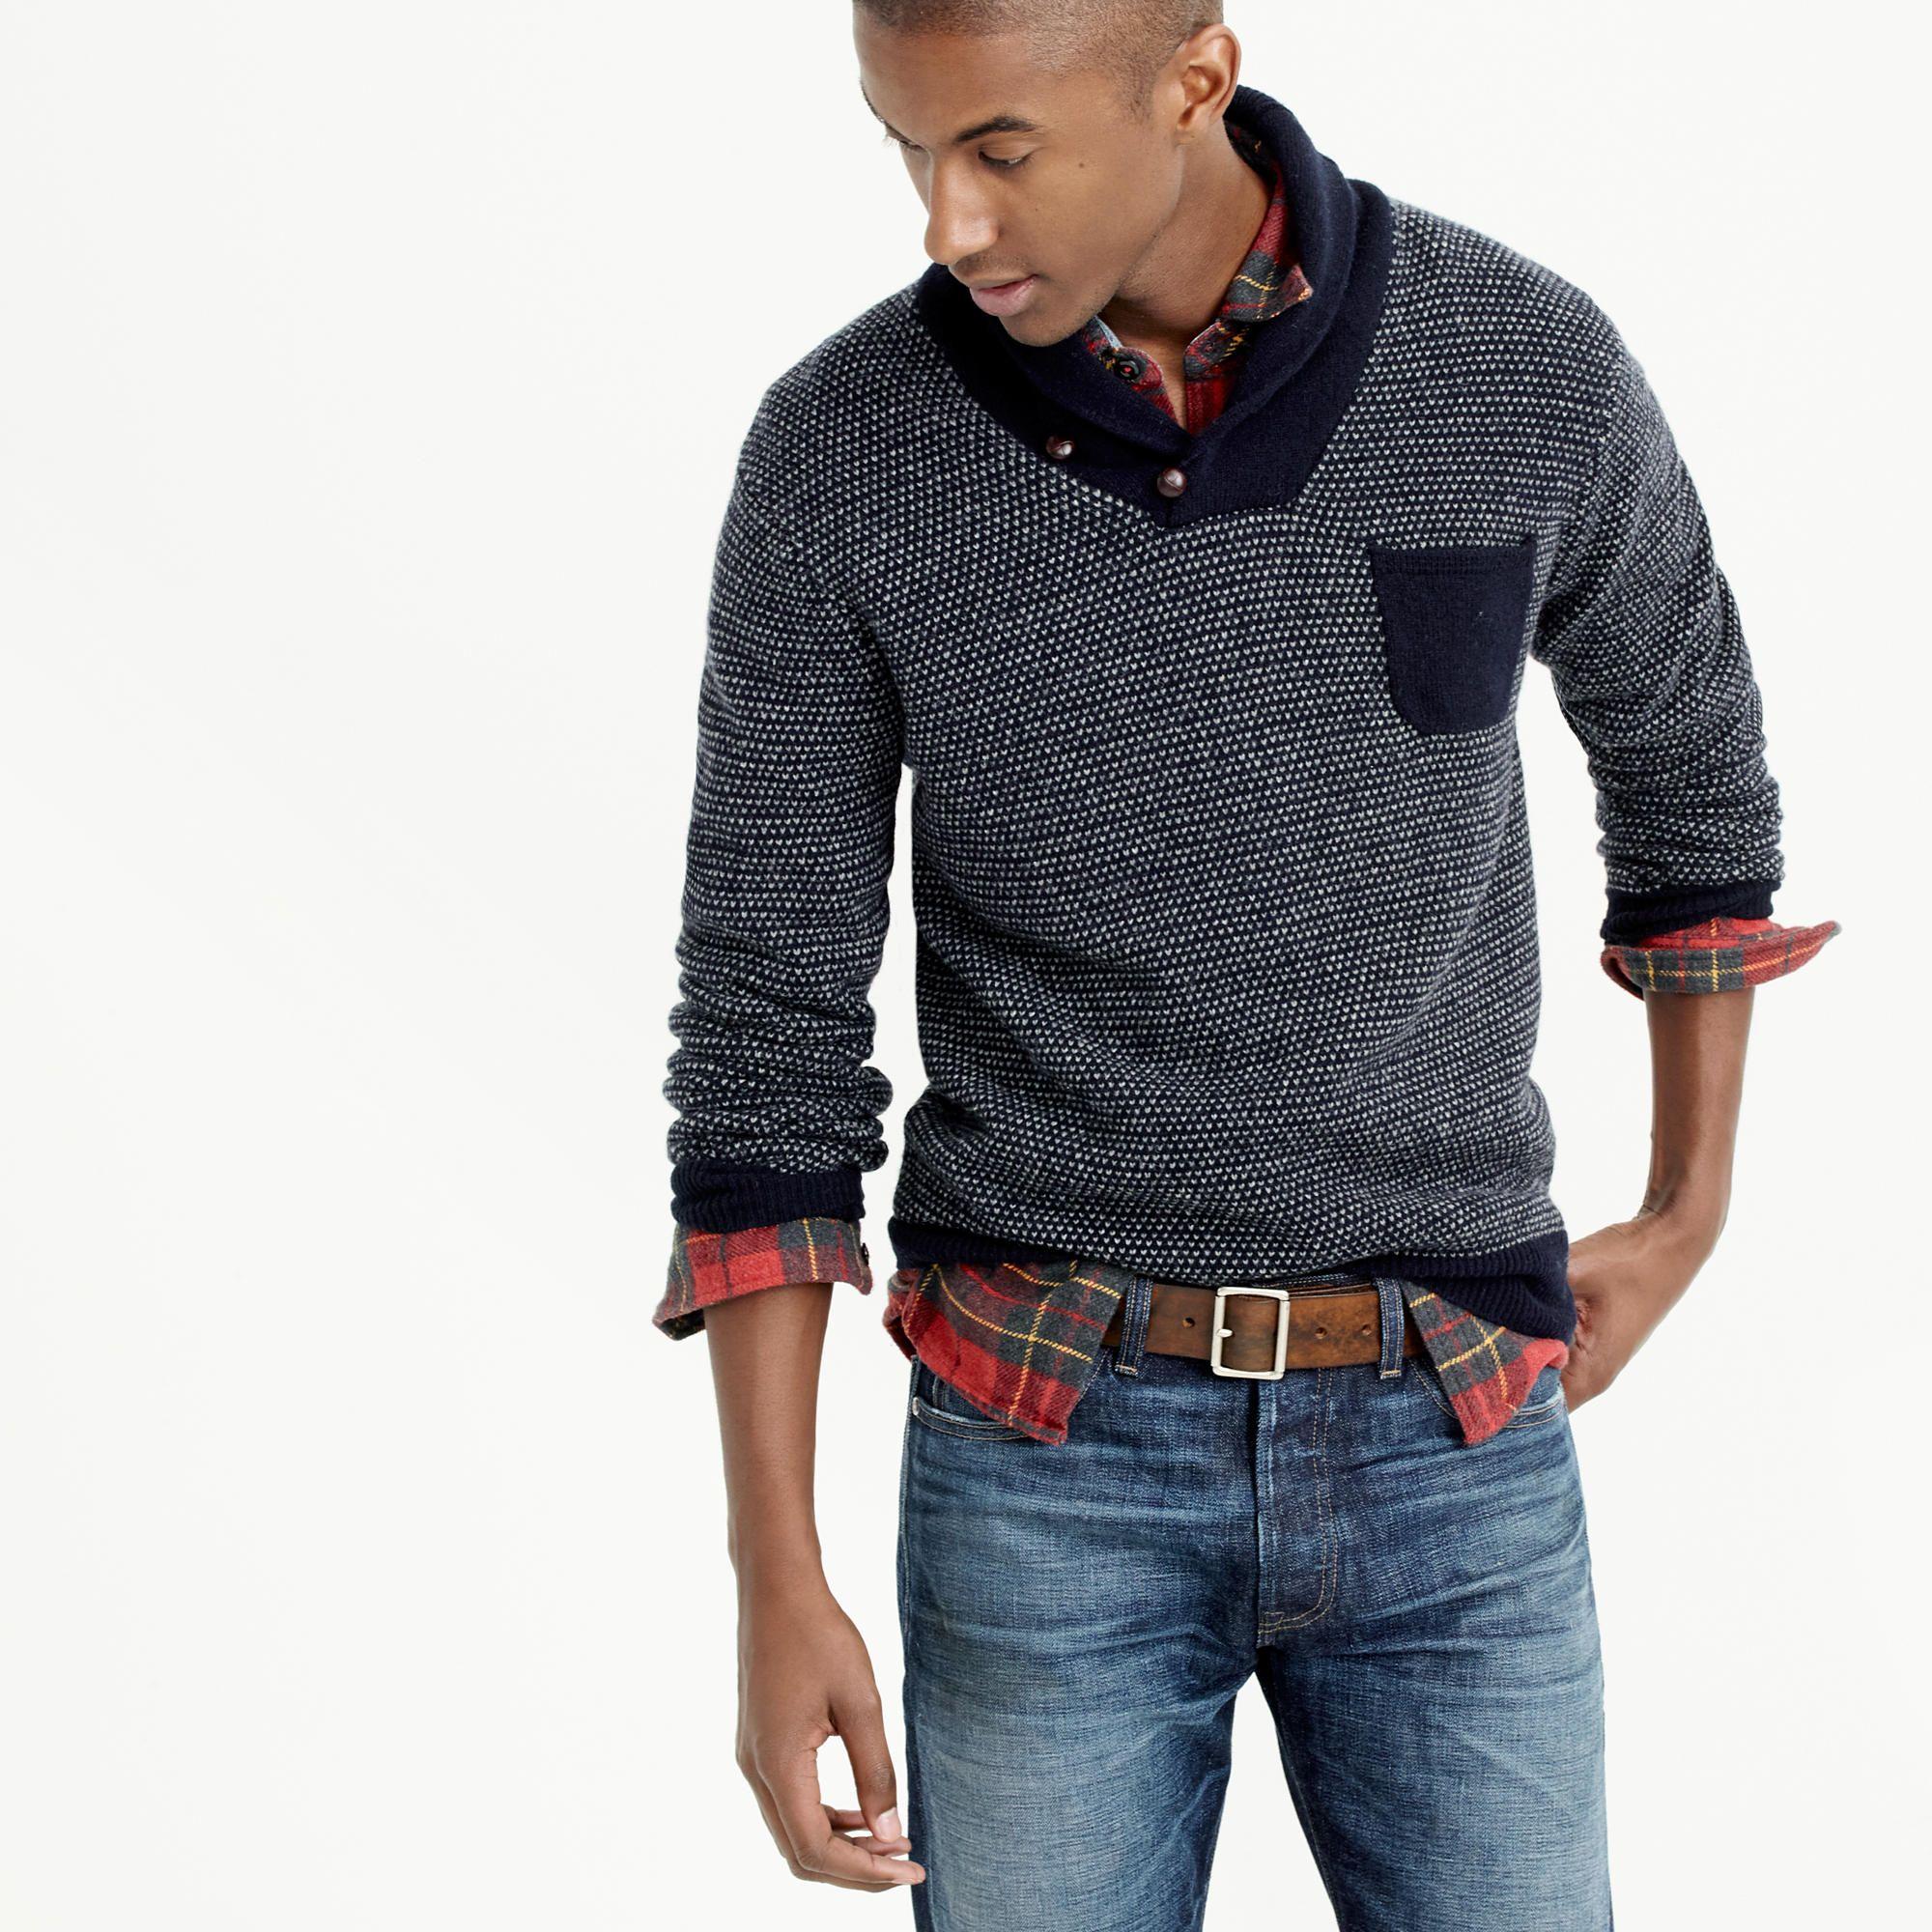 9c8502e8bc7 Lambswool jacquard shawl-collar sweater   sweaters